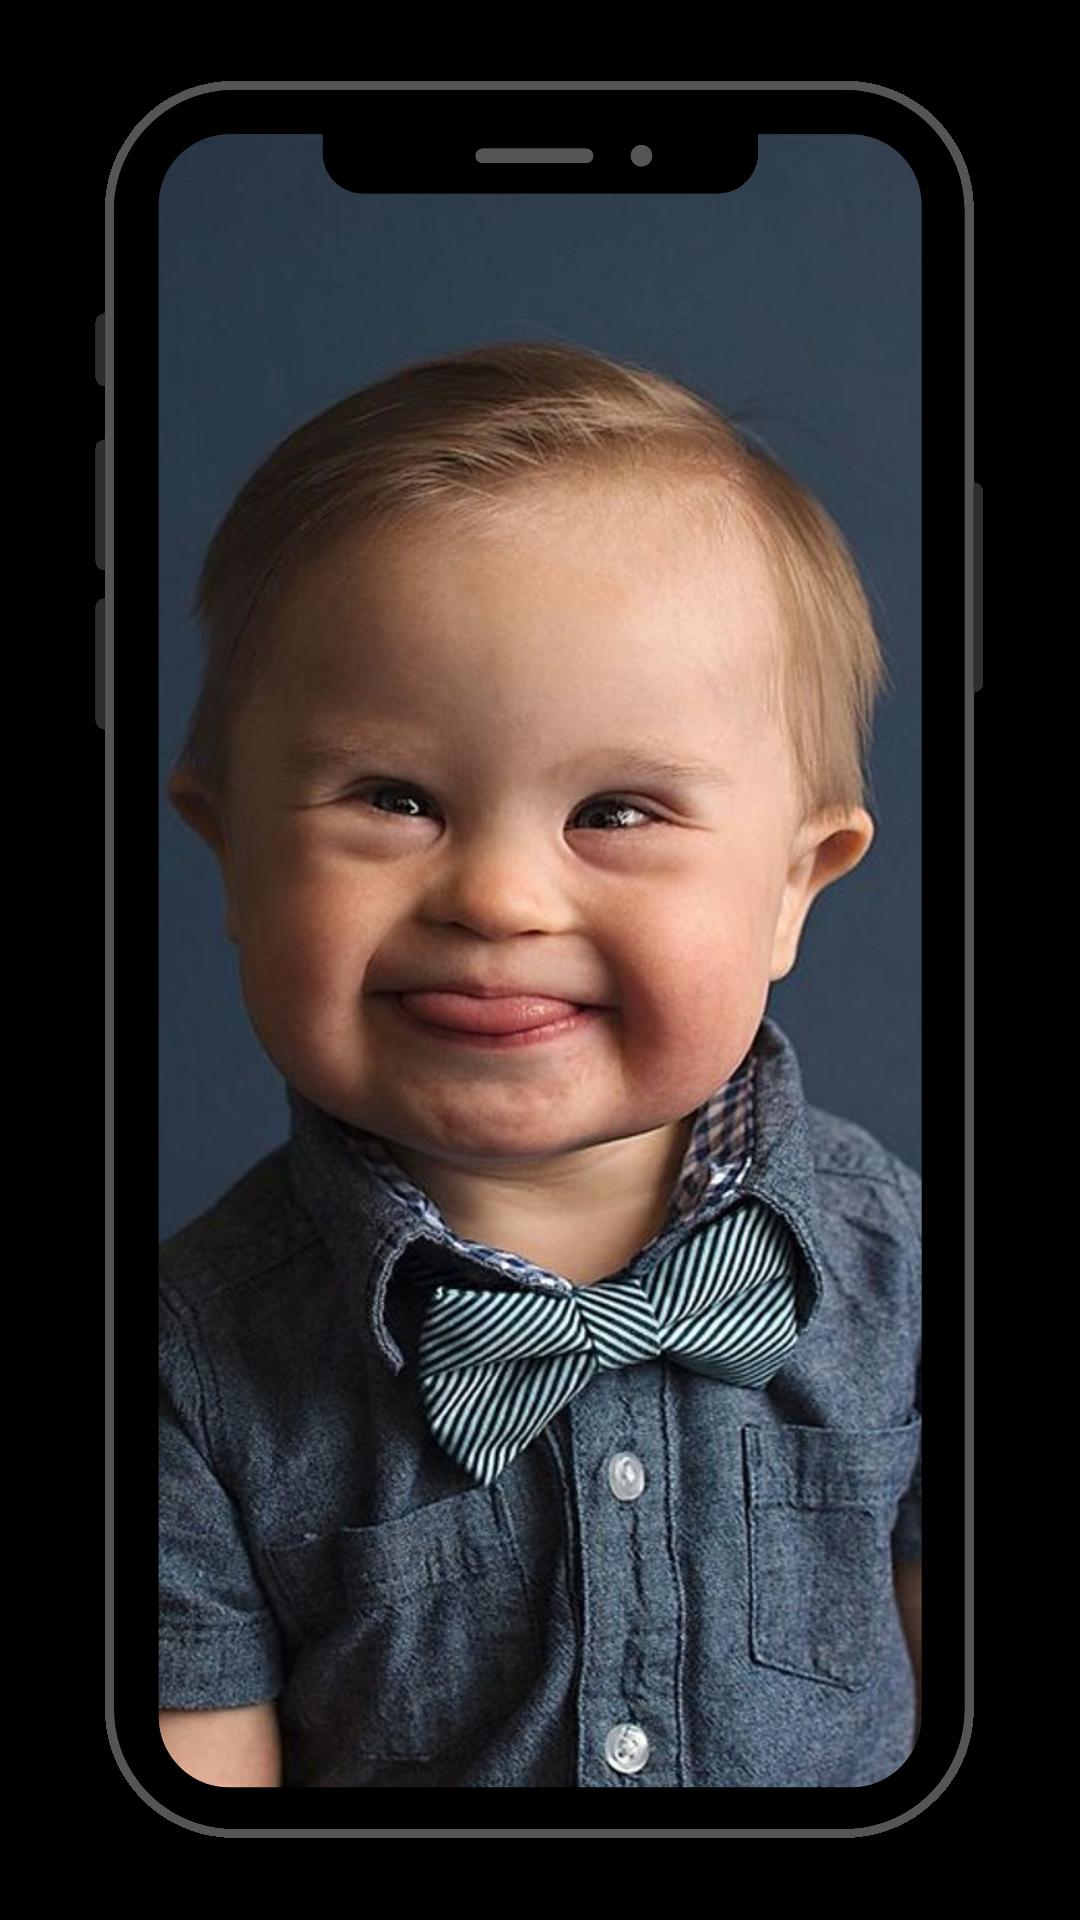 Foto de celular com a imagem de criança portadora de síndrome de down